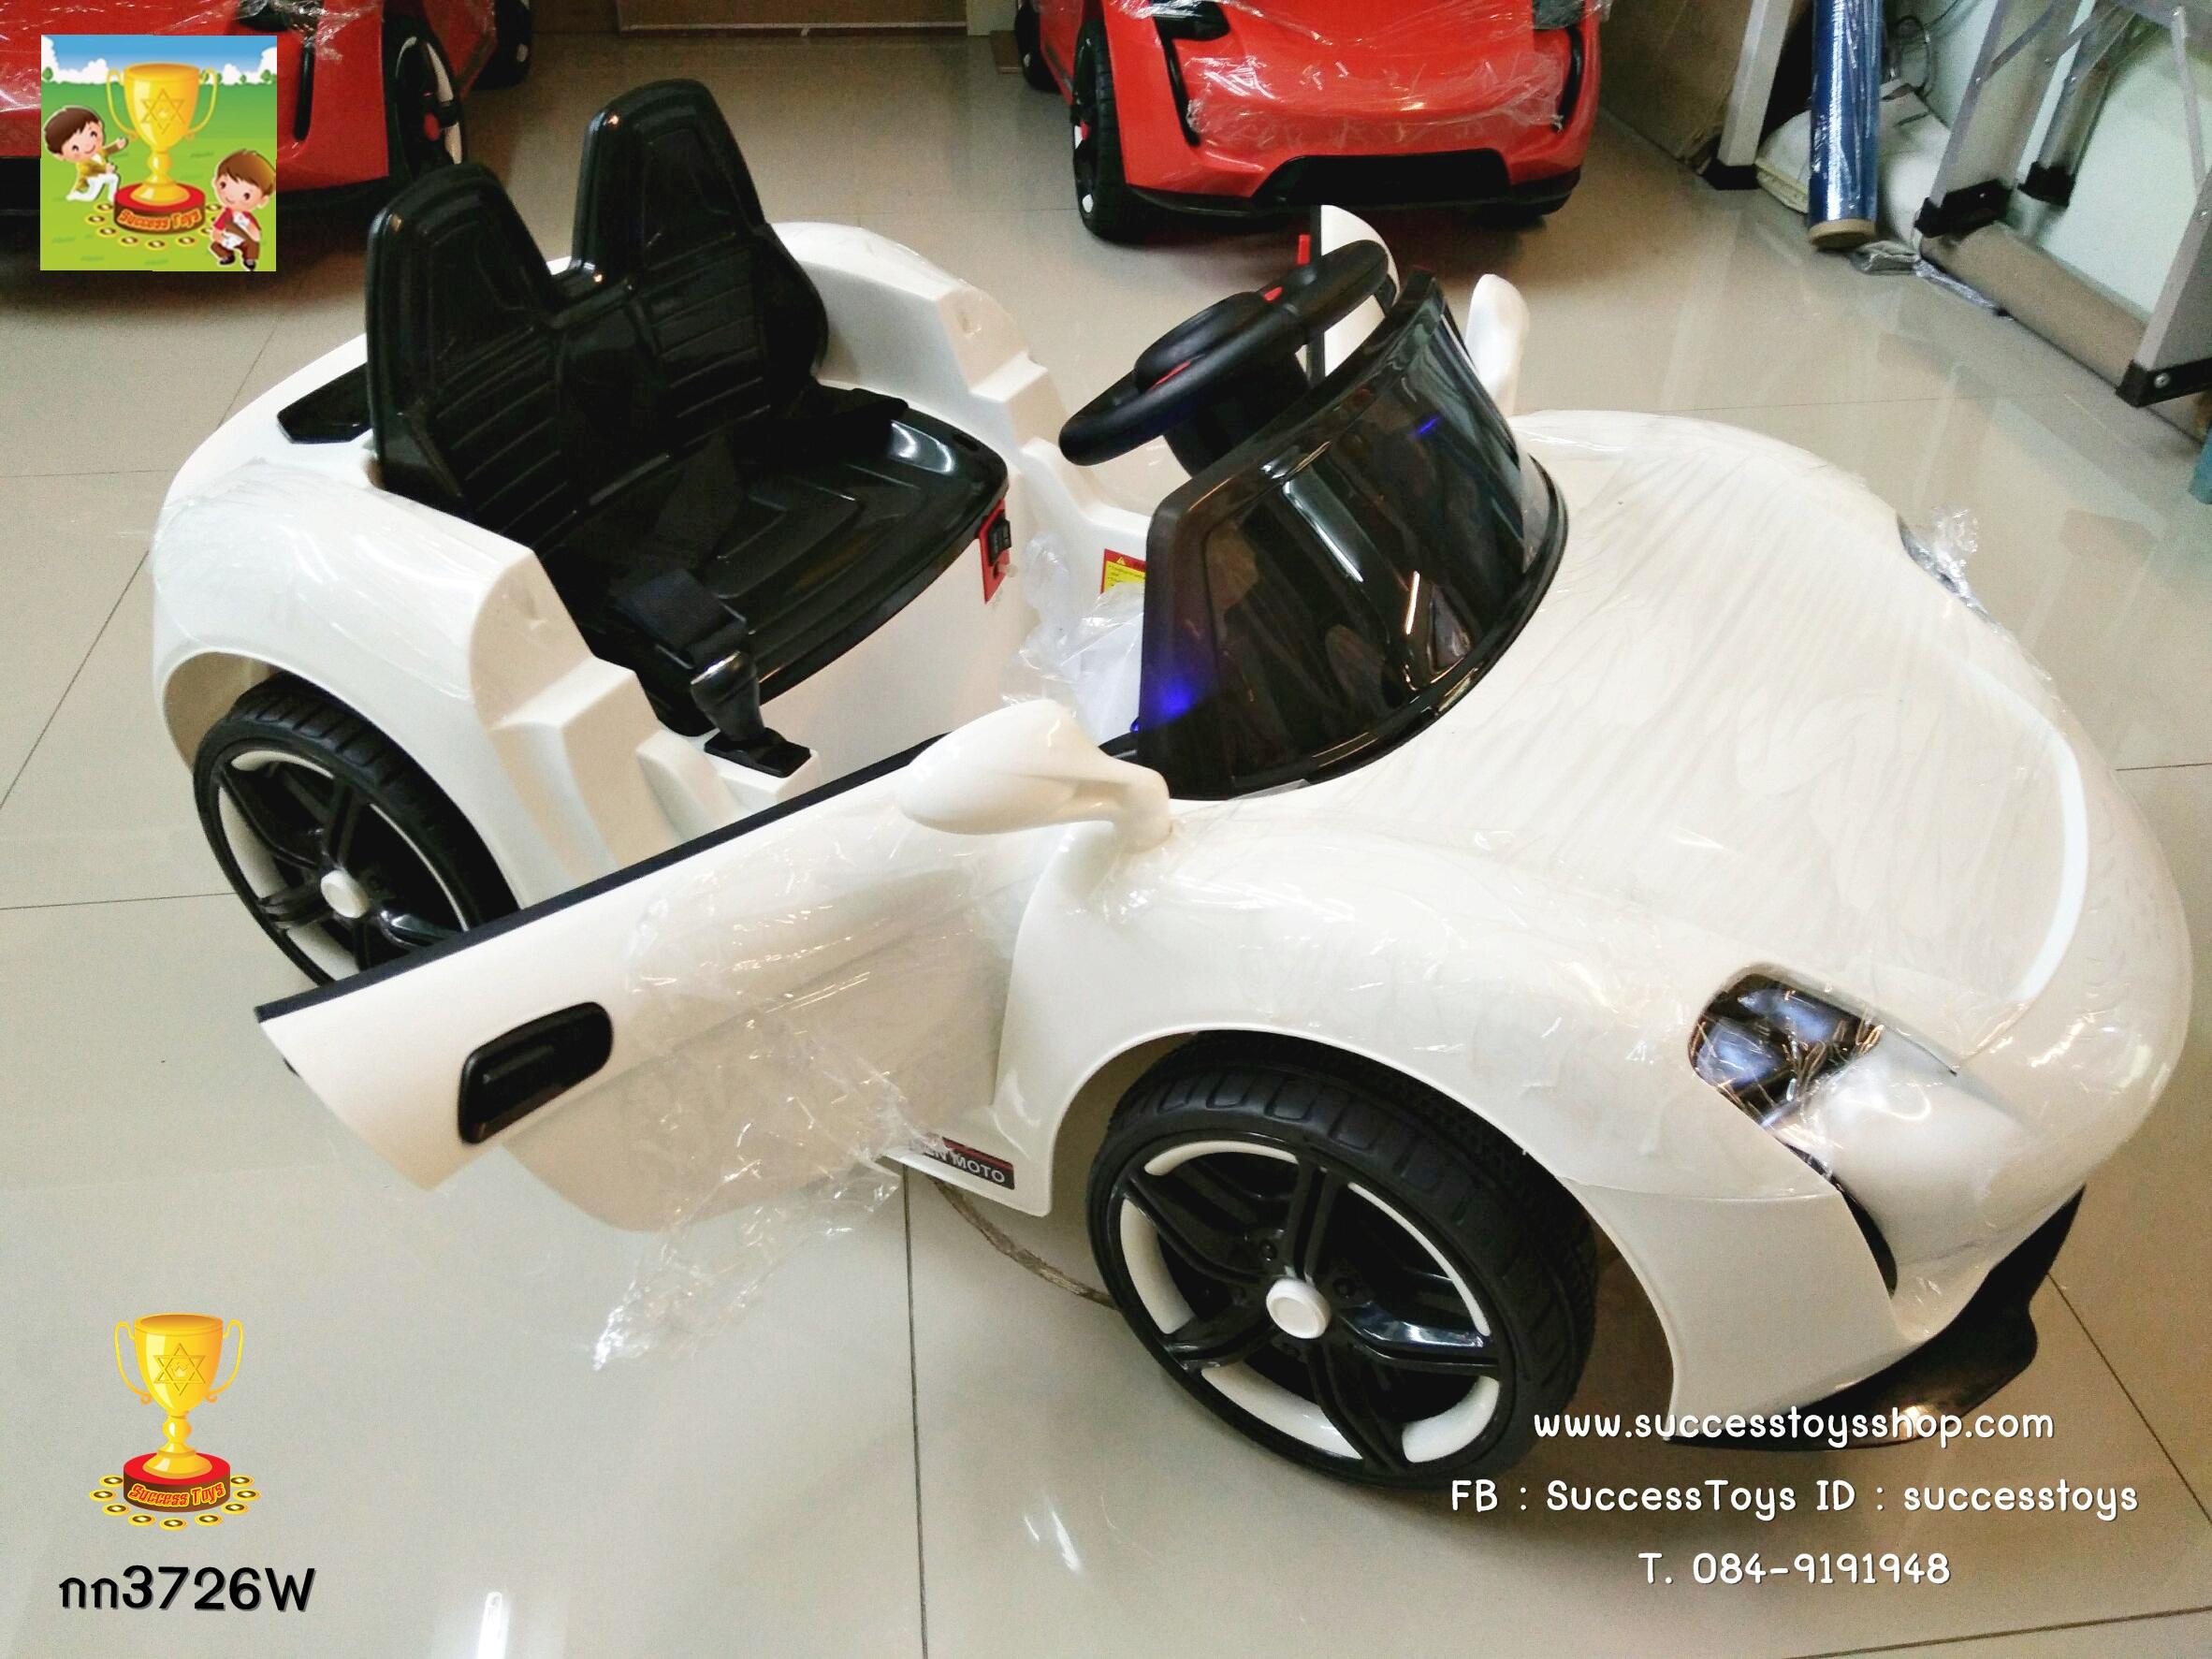 กก3726w รถแบตเตอรี่ไฟฟ้าเด็กนั่ง ยี่ห้อปอร์เช่ สีขาว